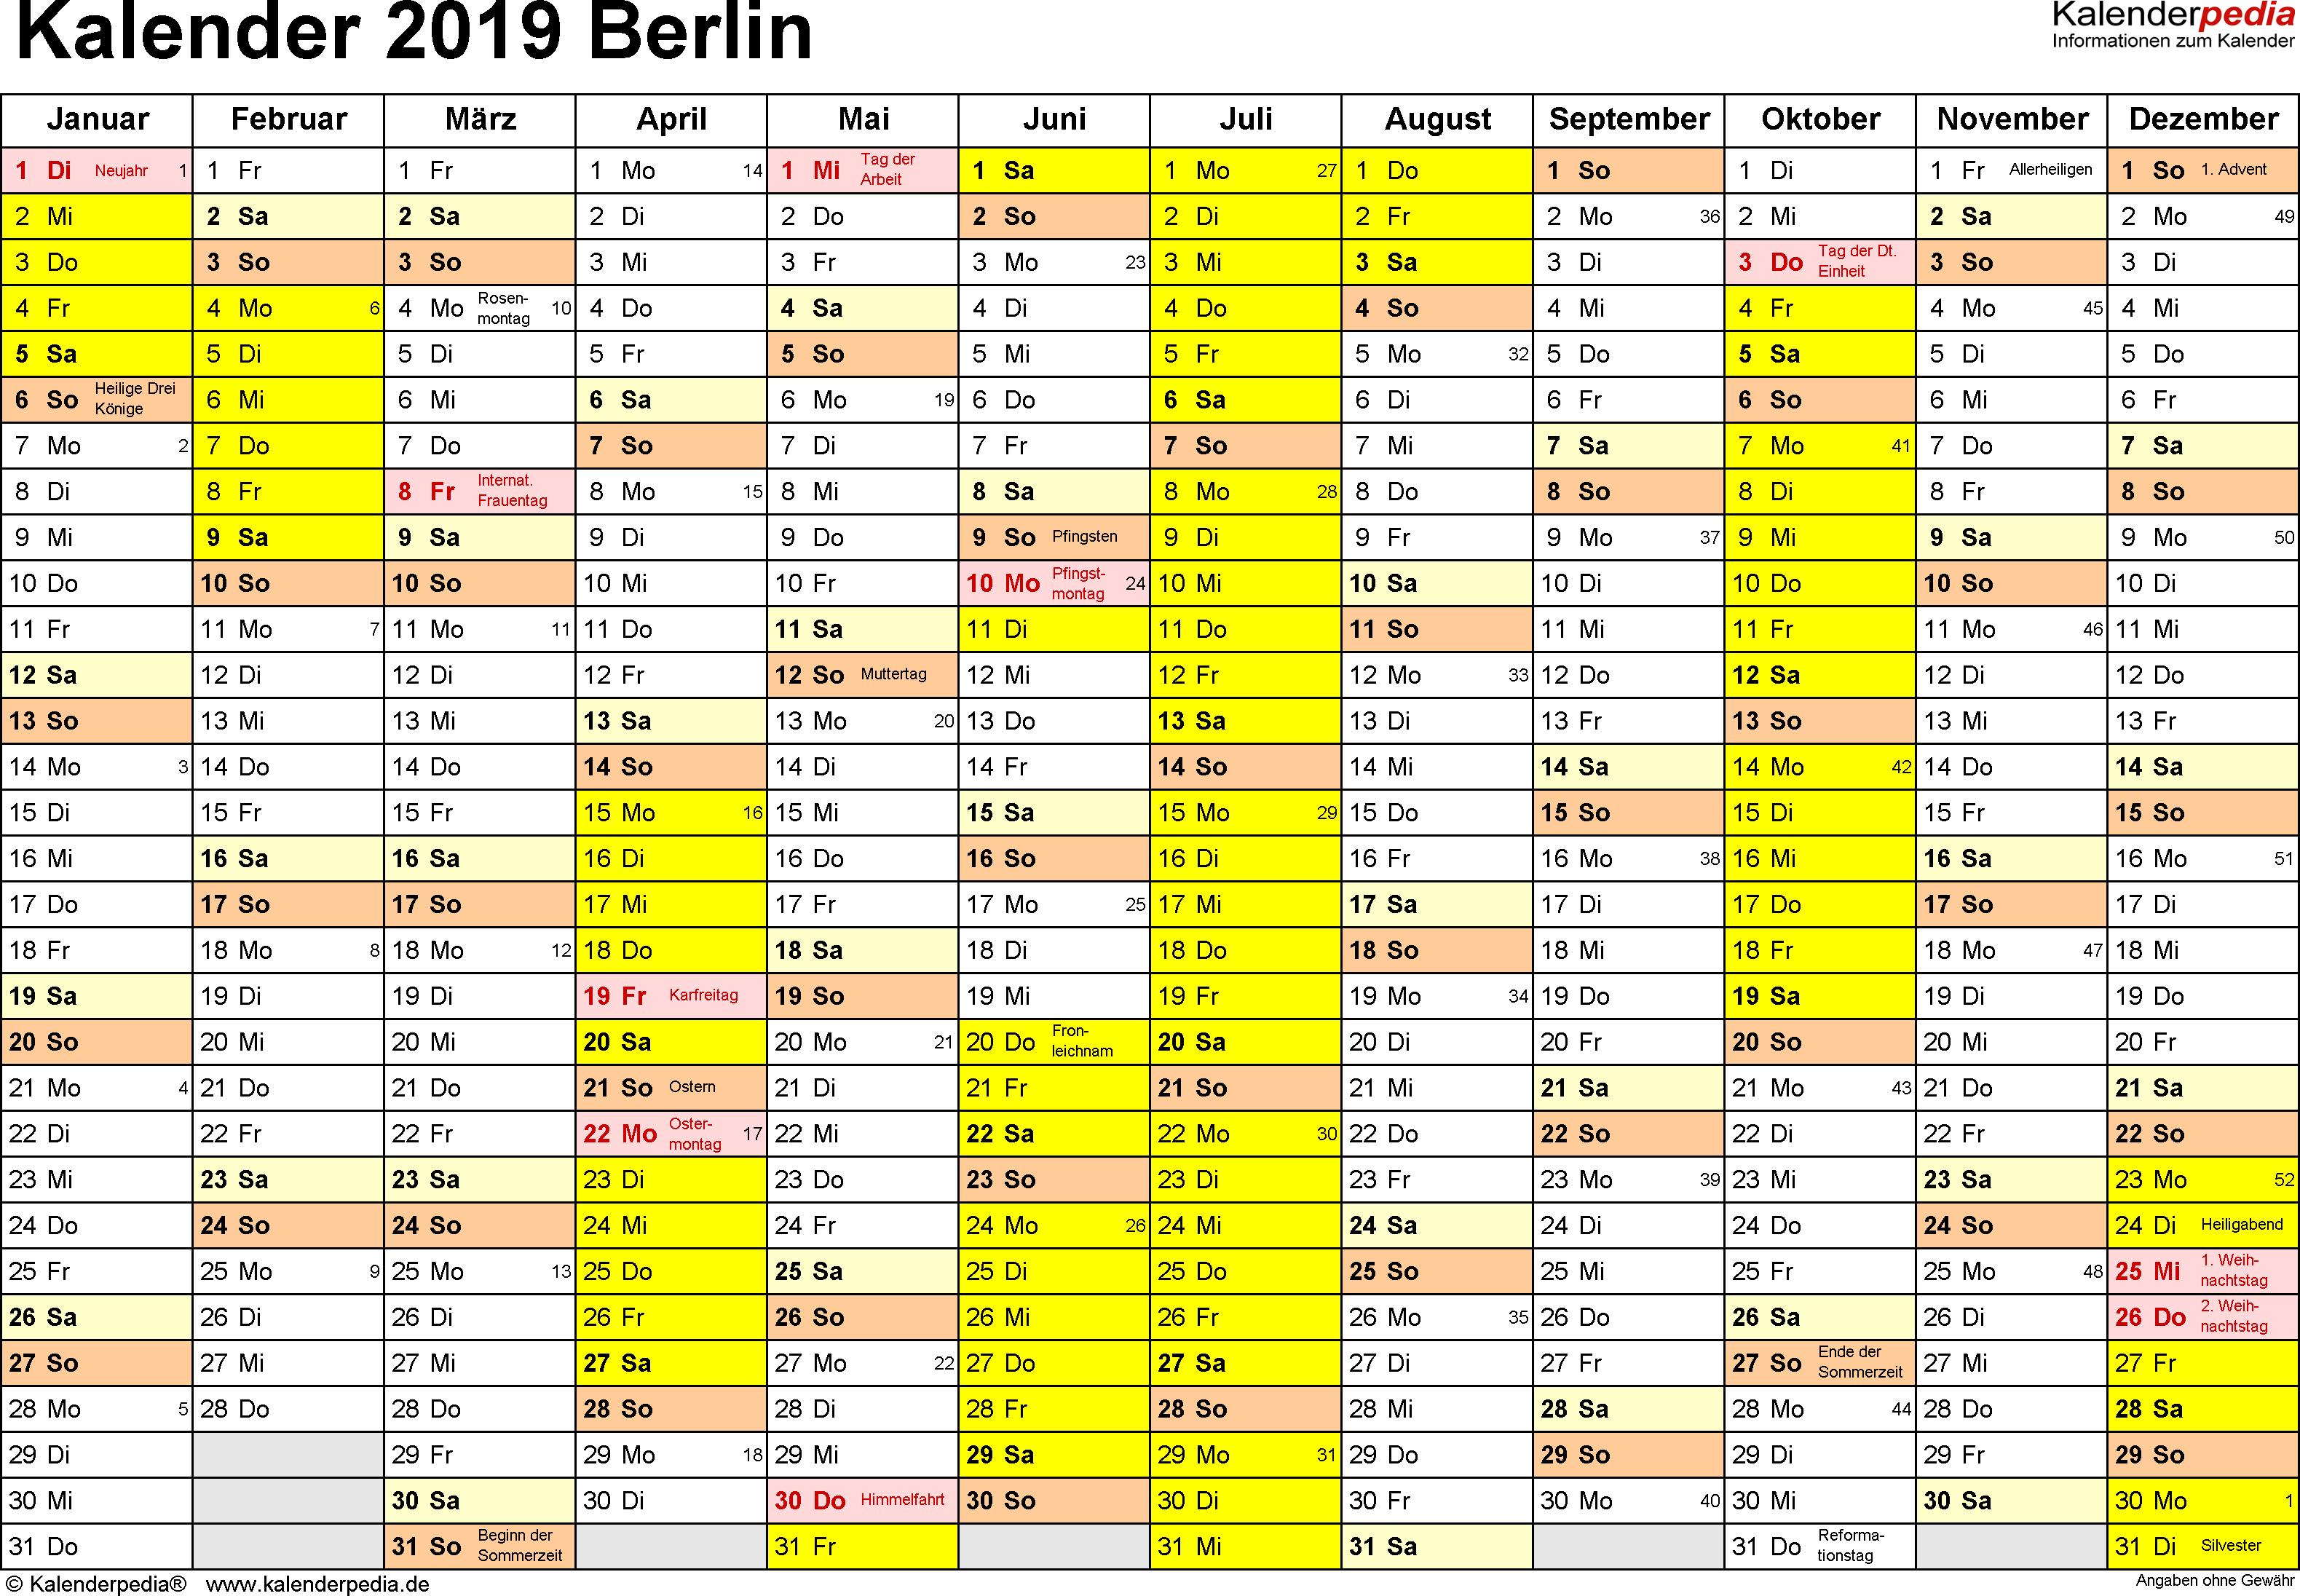 Vorlage 1: Kalender 2019 für Berlin als Word-Vorlagen (Querformat, 1 Seite)